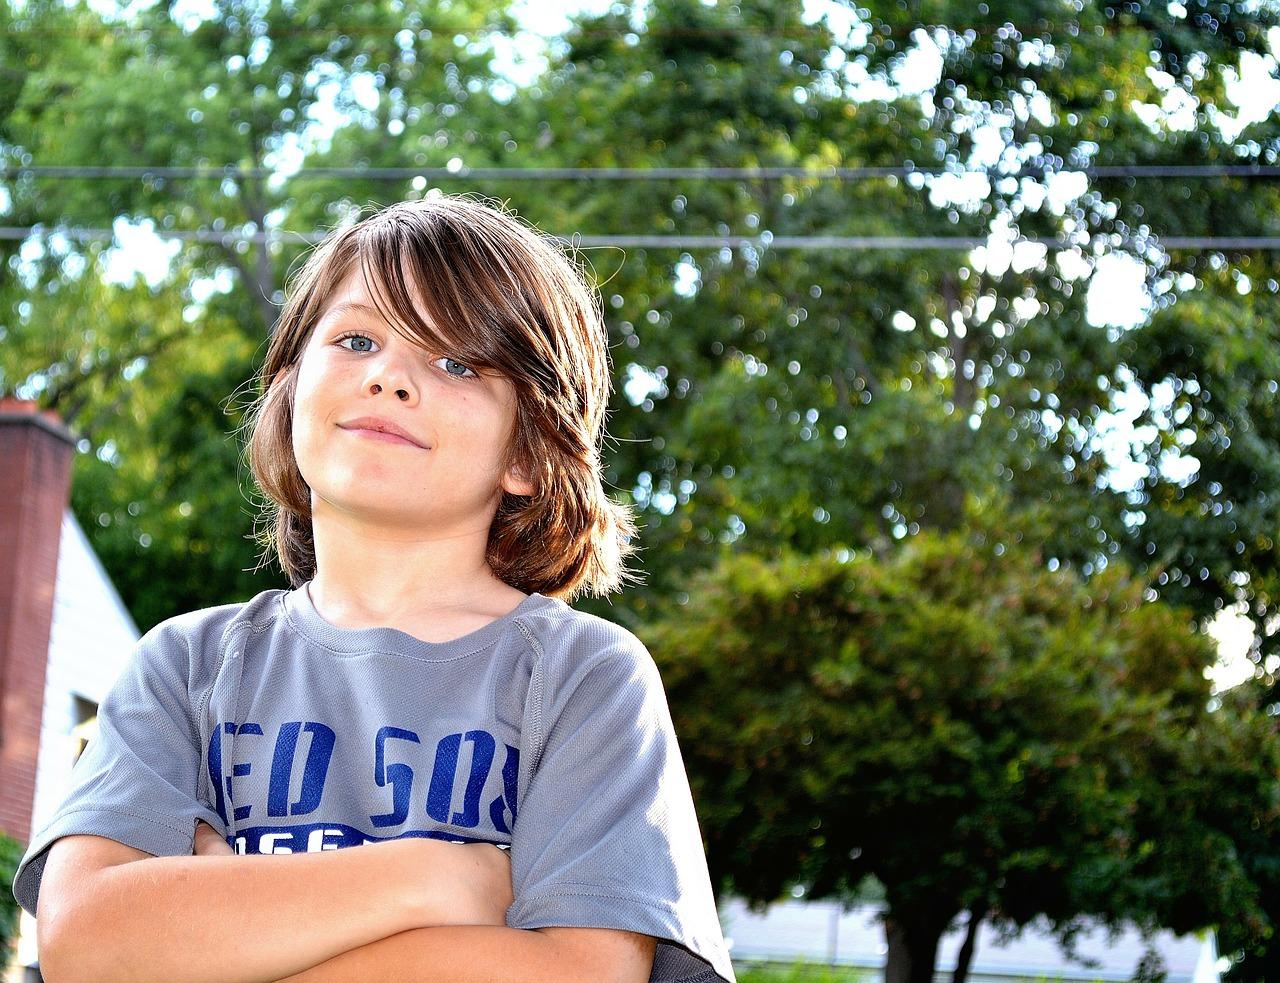 boy-183306_1280-2